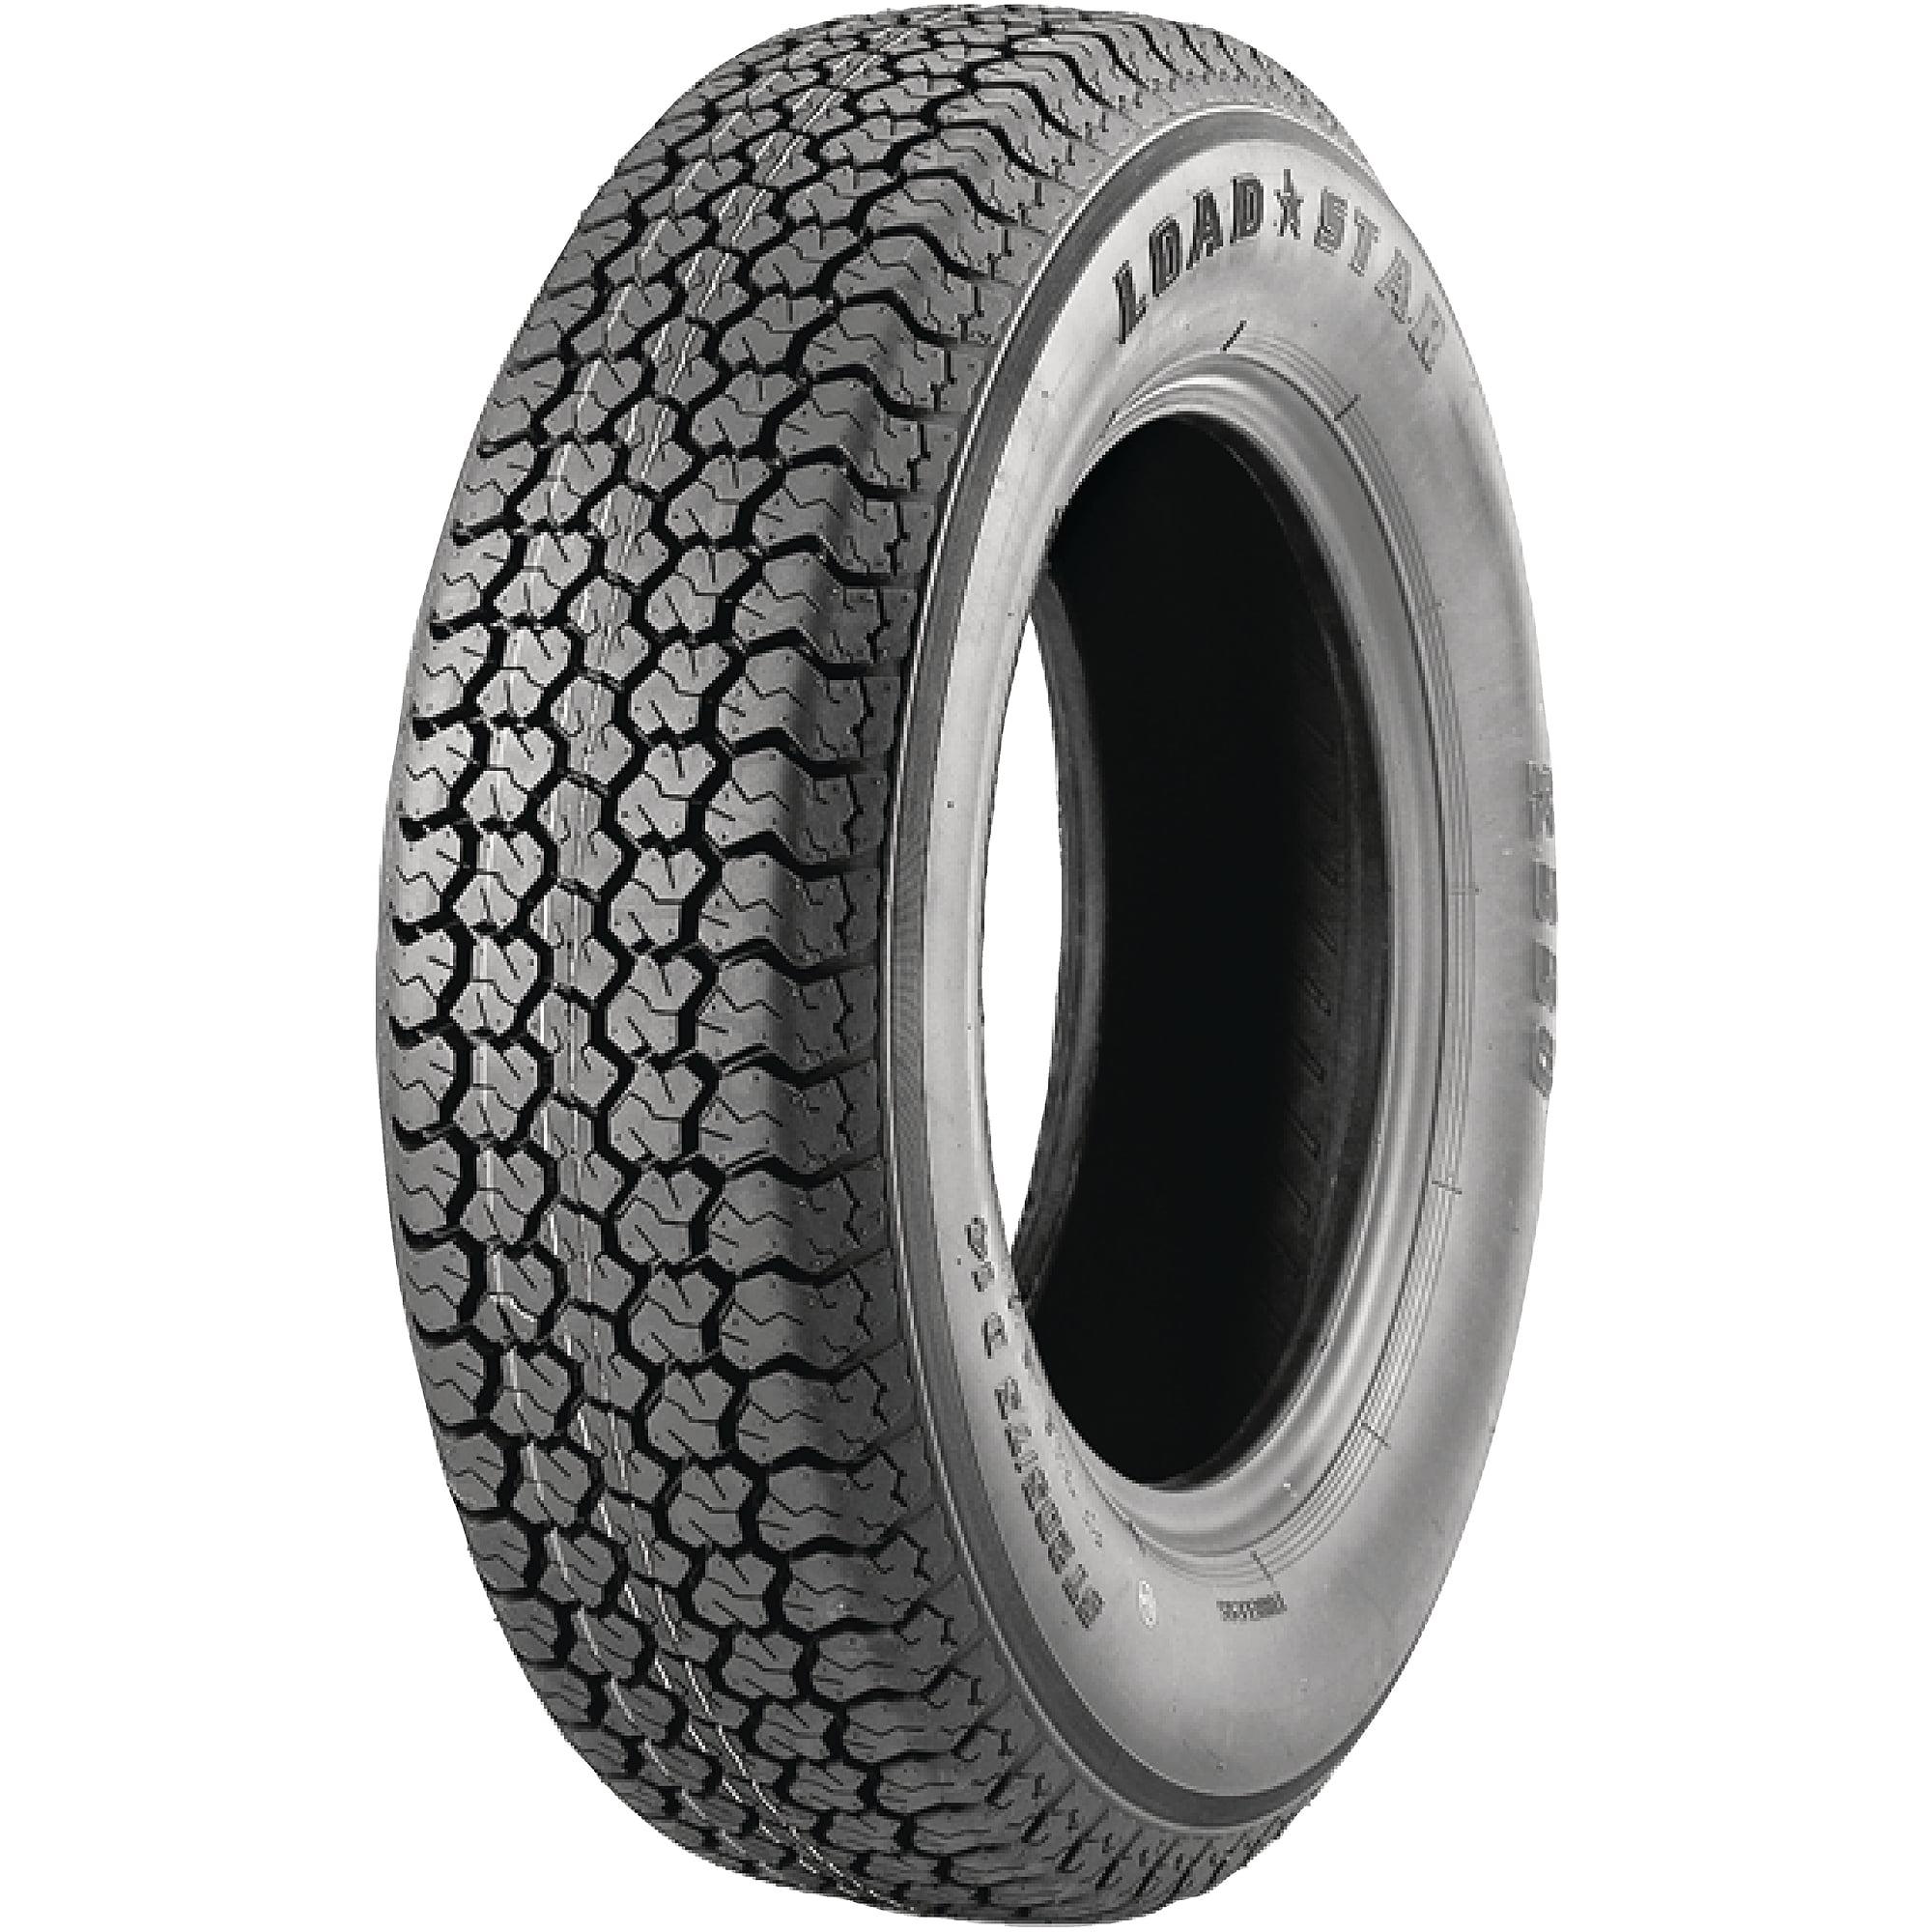 Loadstar Kenda Bias ST Trailer Tire